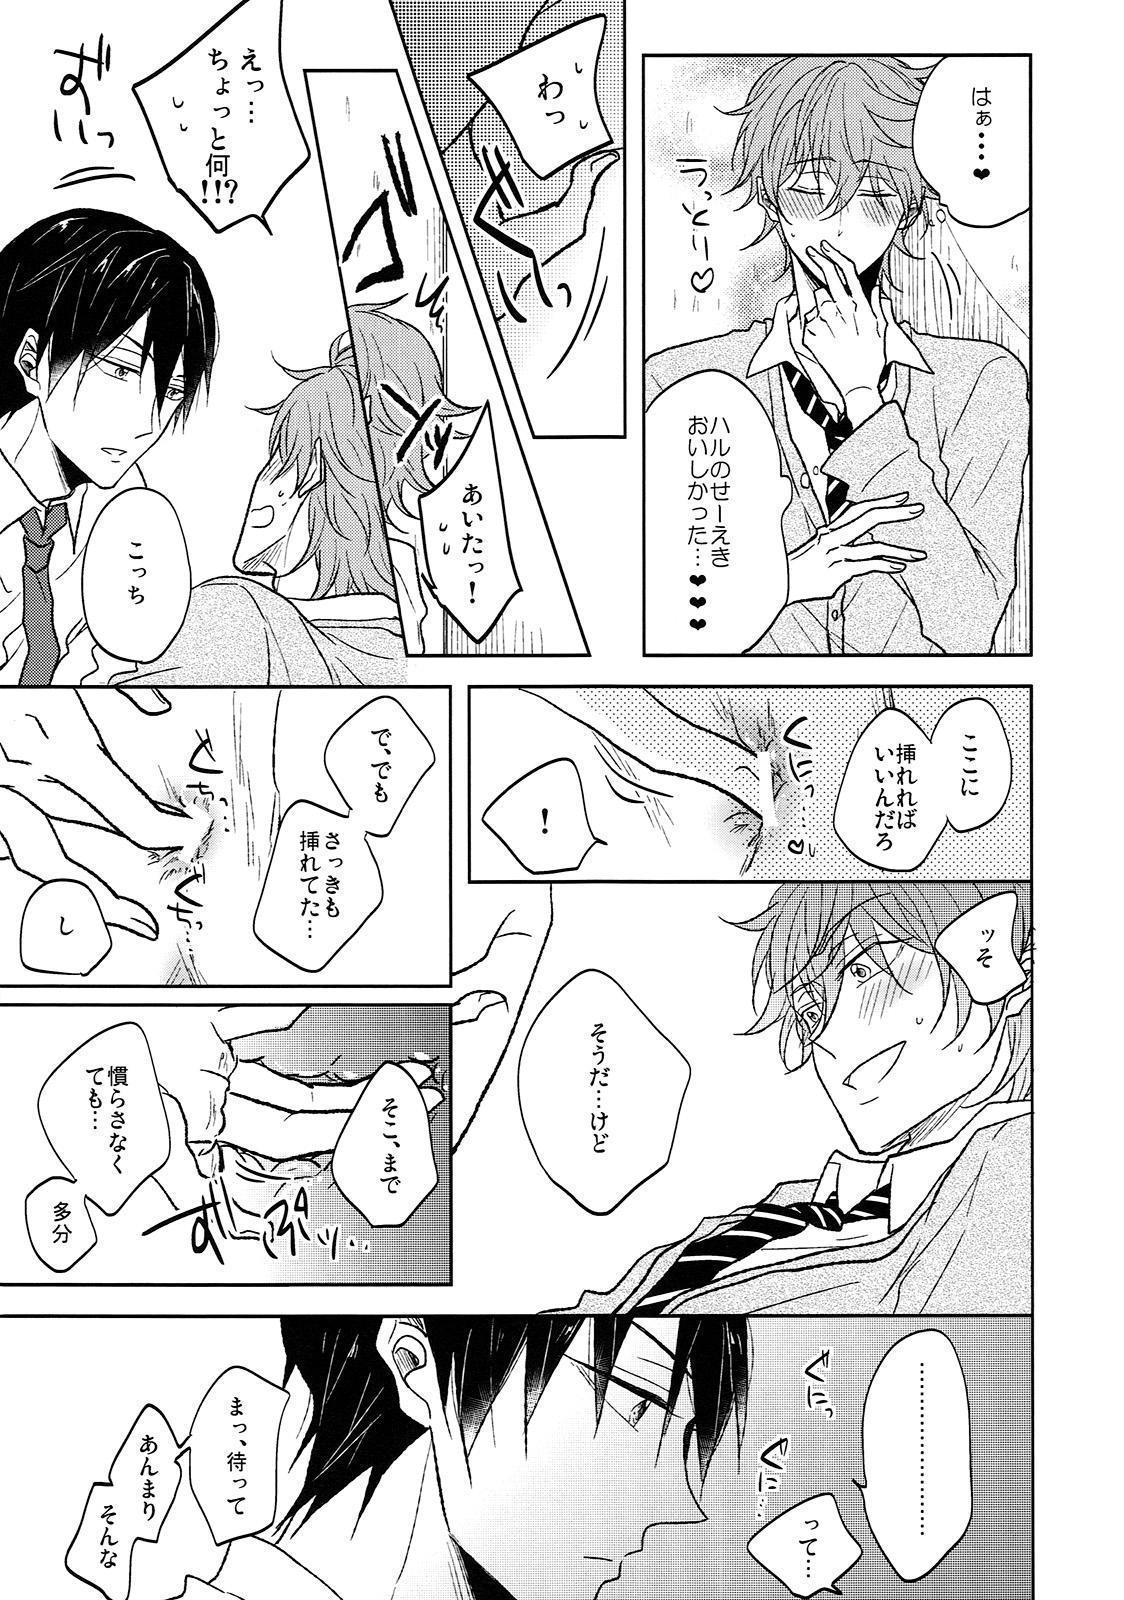 Hizamazuite nyan to nake 13